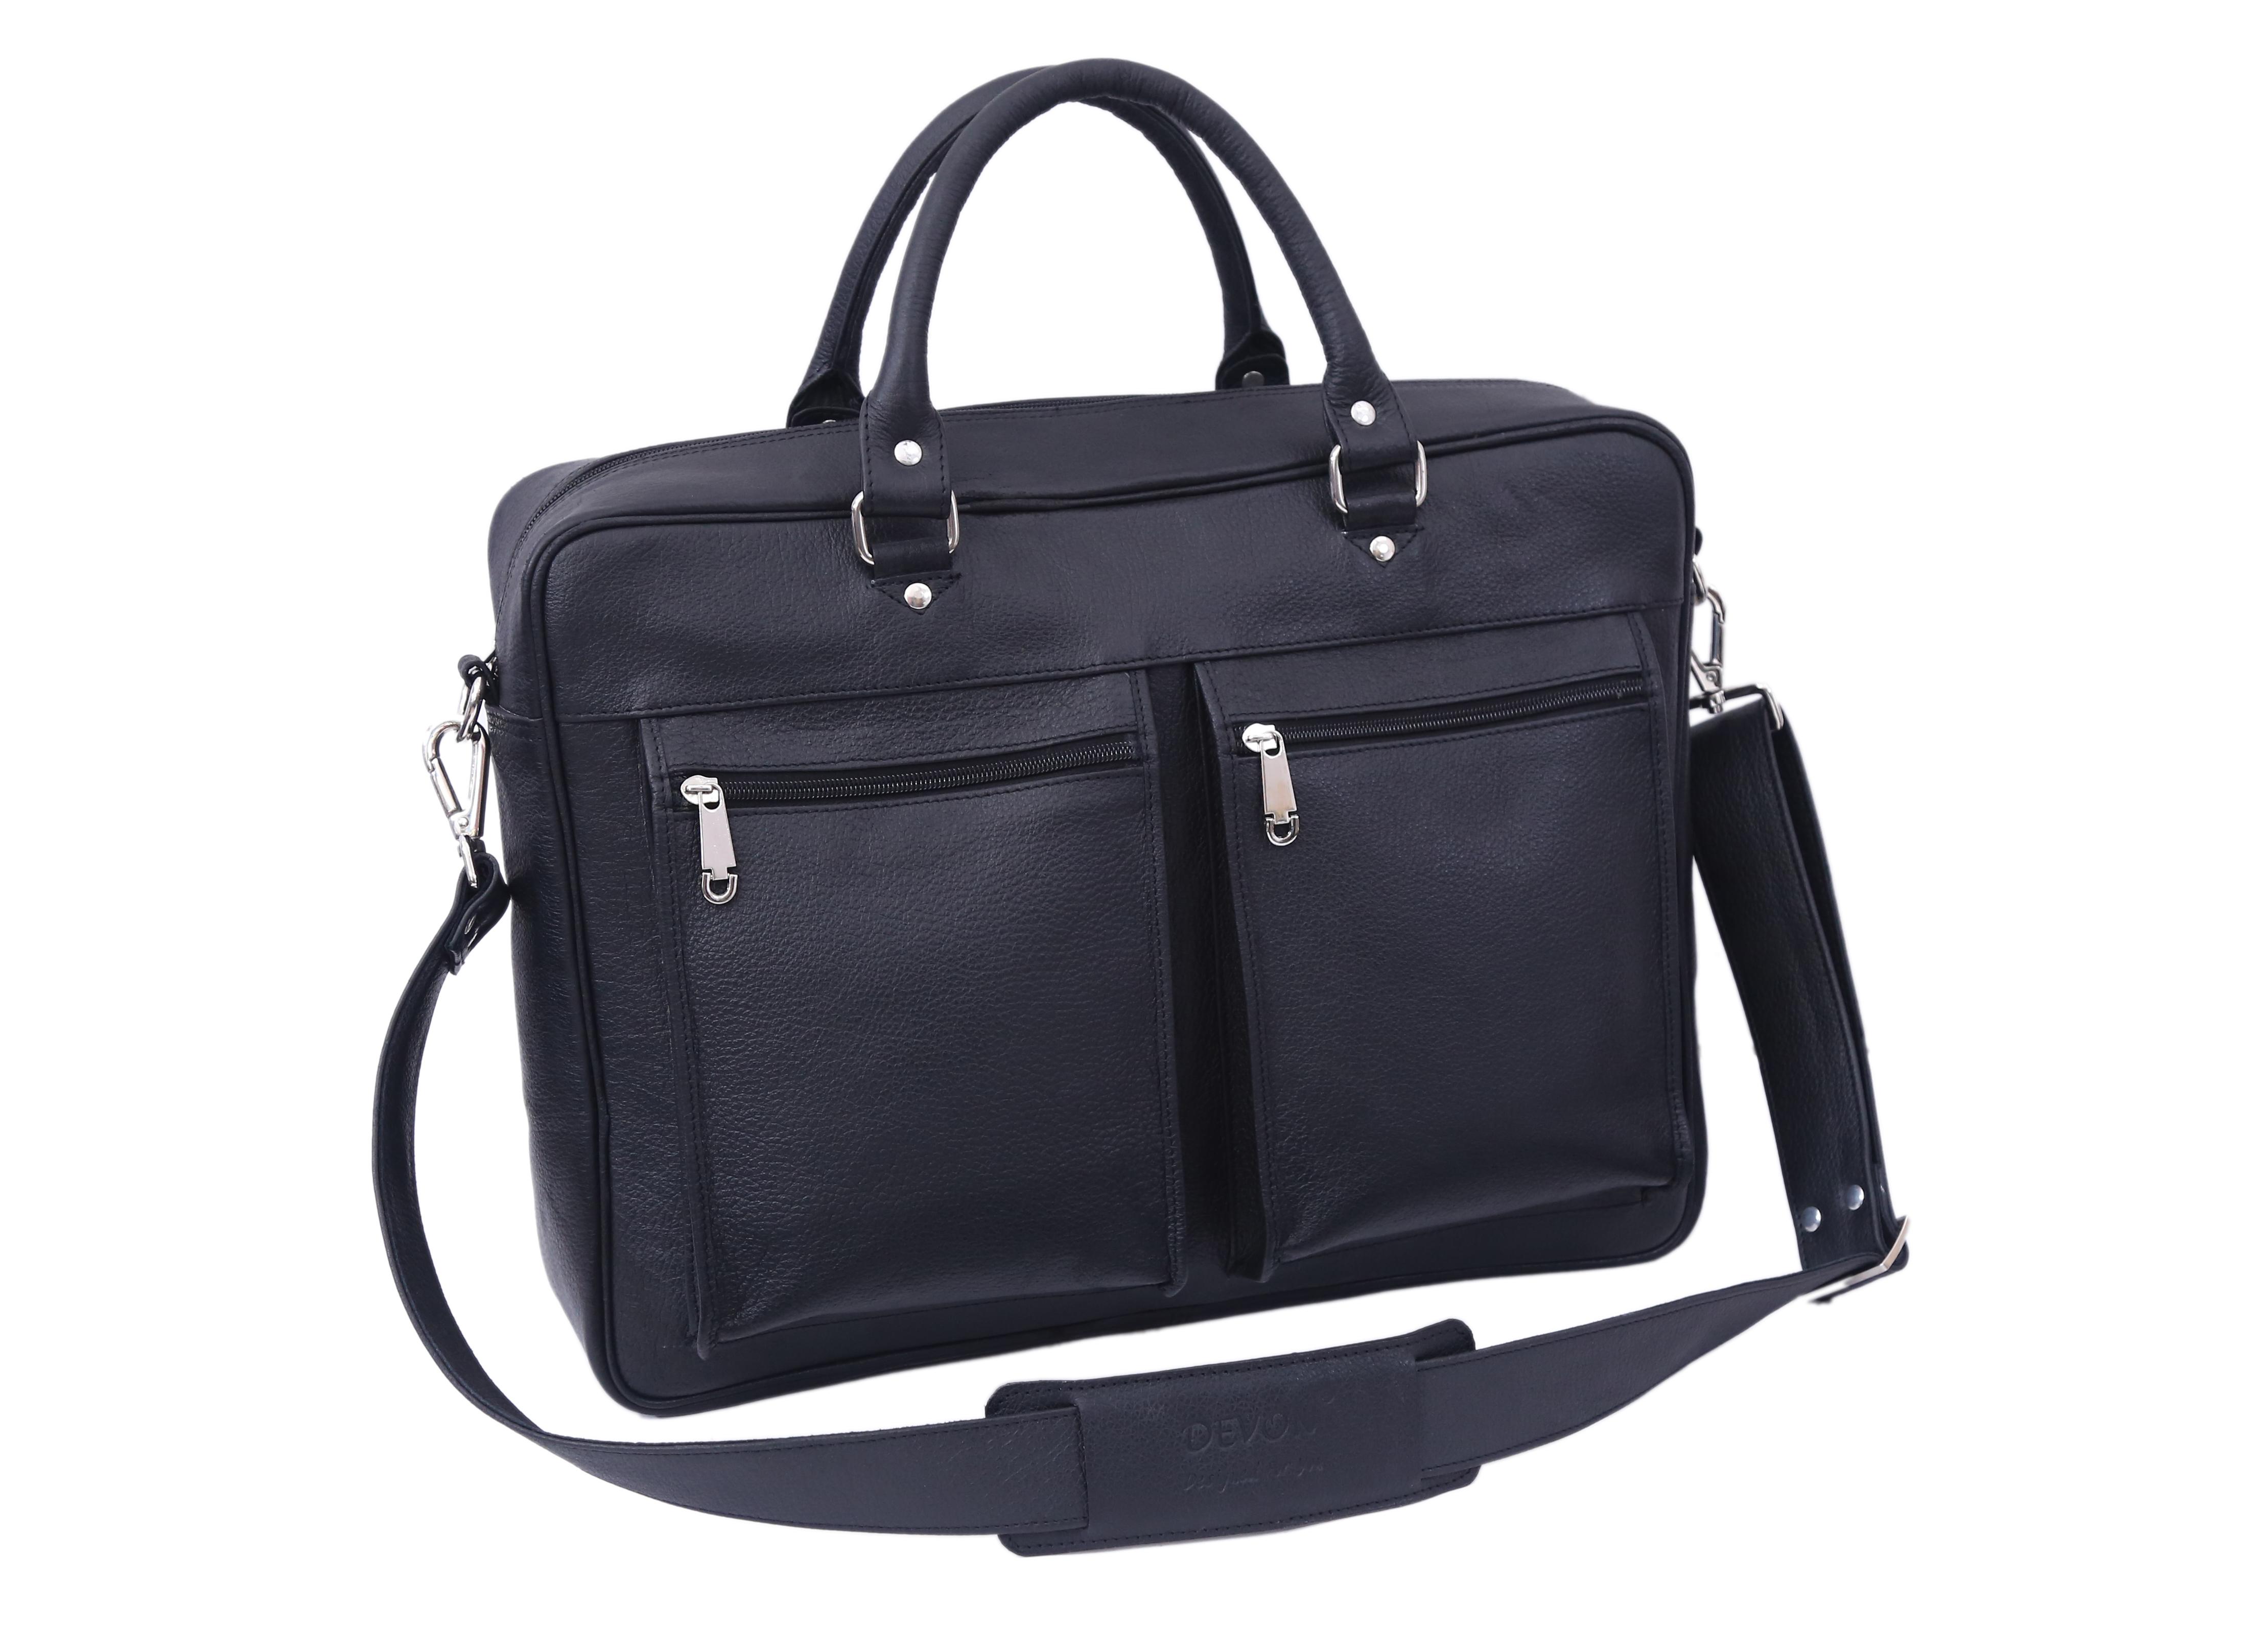 Stylist laptop bag